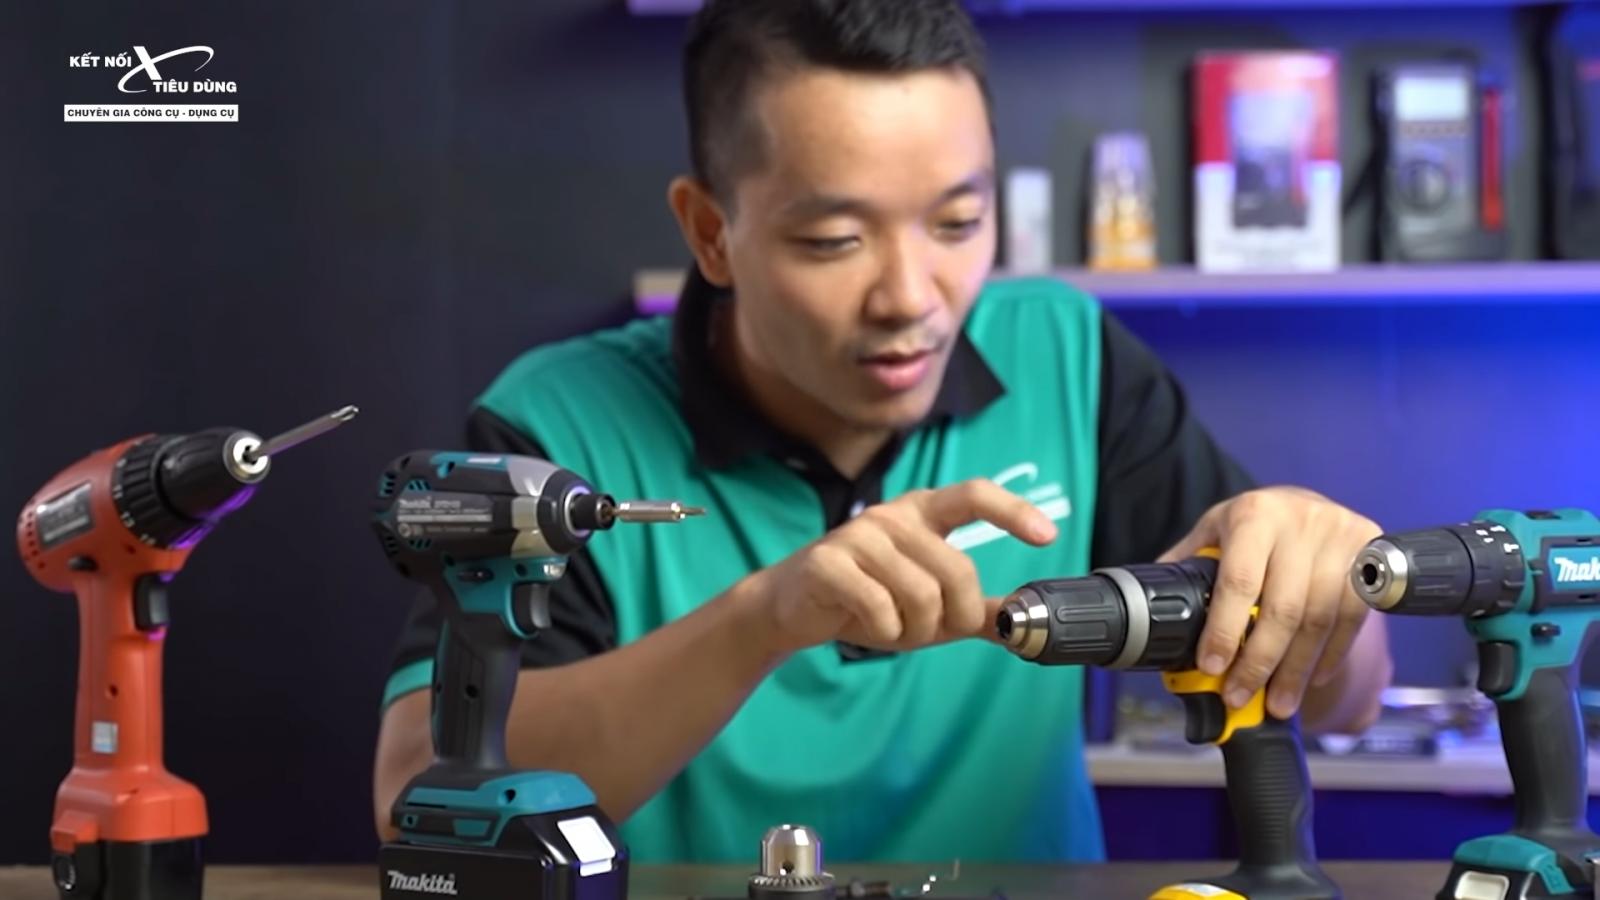 Chia sẻ cách thay đầu kẹp khoan pin đơn giản, nhưng không phải ai cũng lầm được - gợi ý một số đầu kẹp máy khoan pin